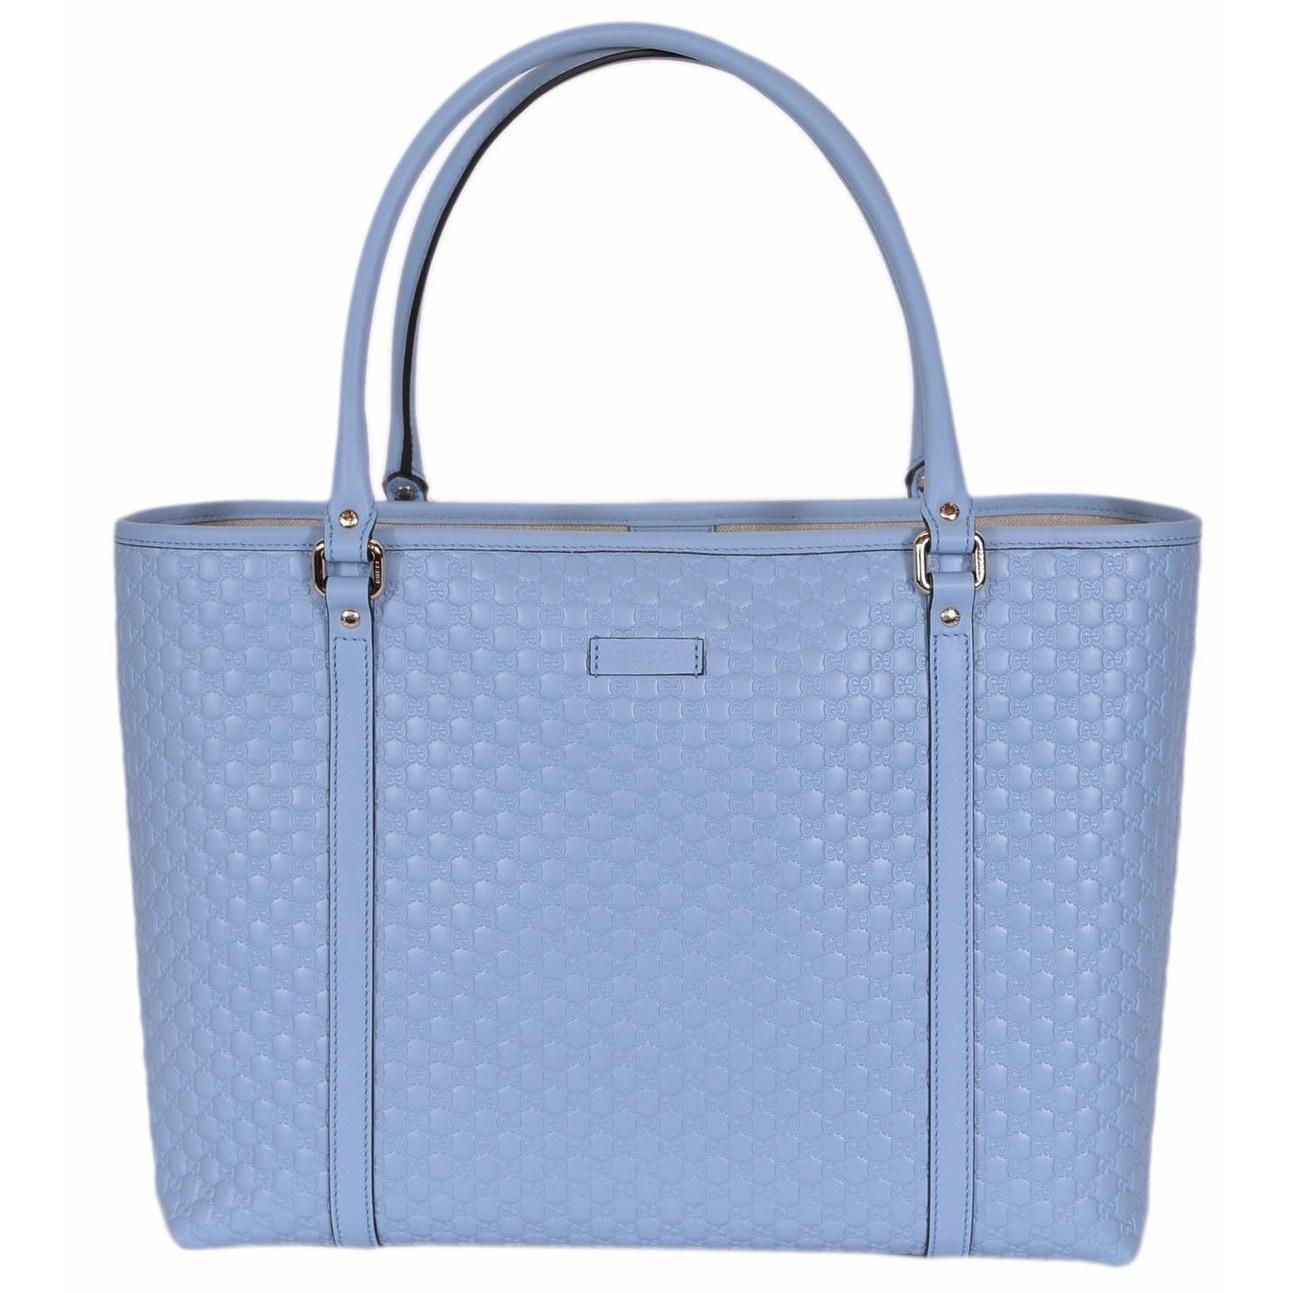 375e57f4101618 Gucci Nylon Guccissima Tote Bag – Patmo Technologies Limited